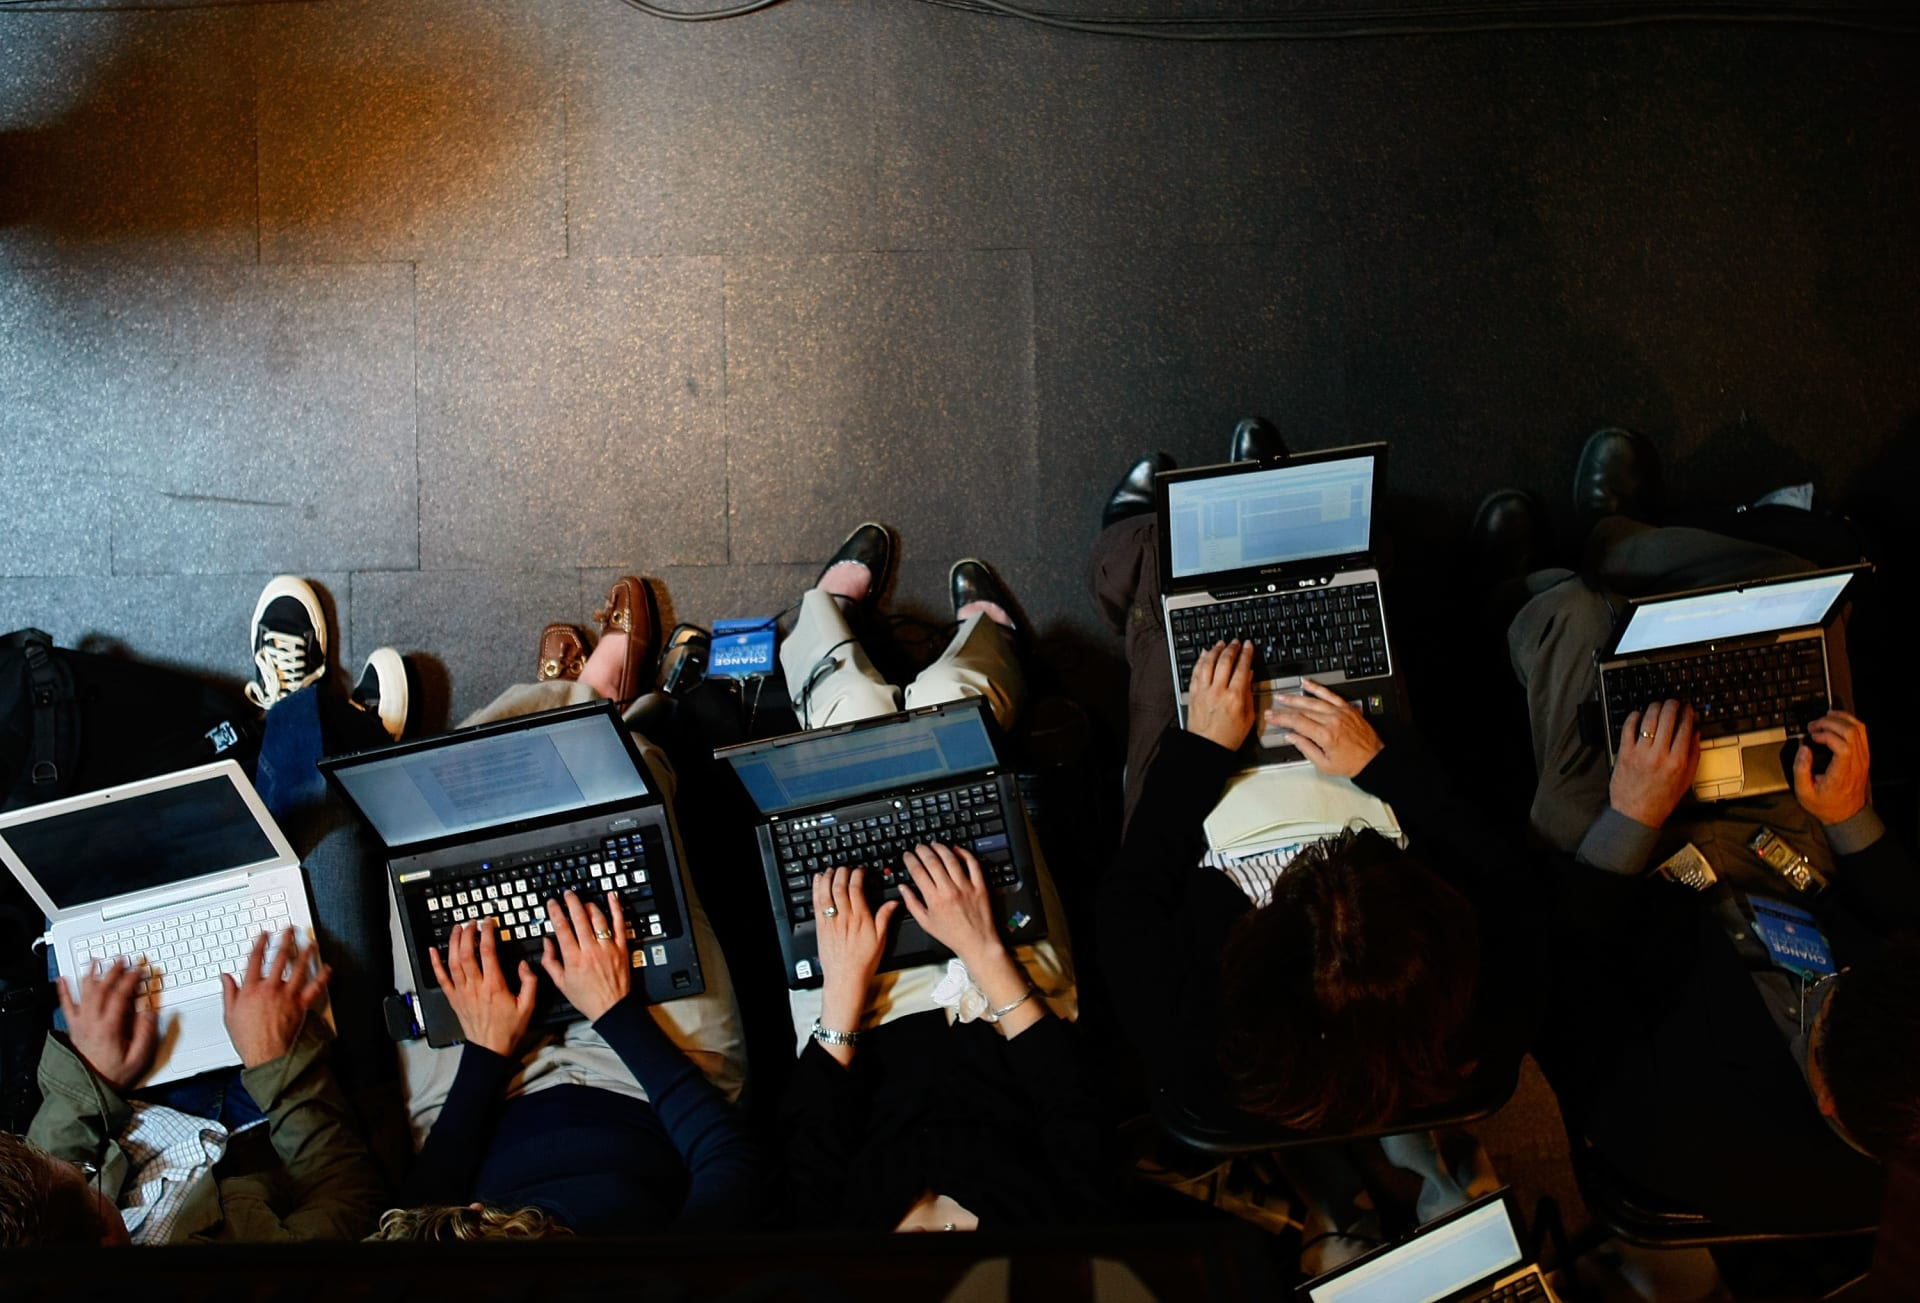 ما مدى فعالية أساليب التواصل في شركات الشرق الأوسط؟